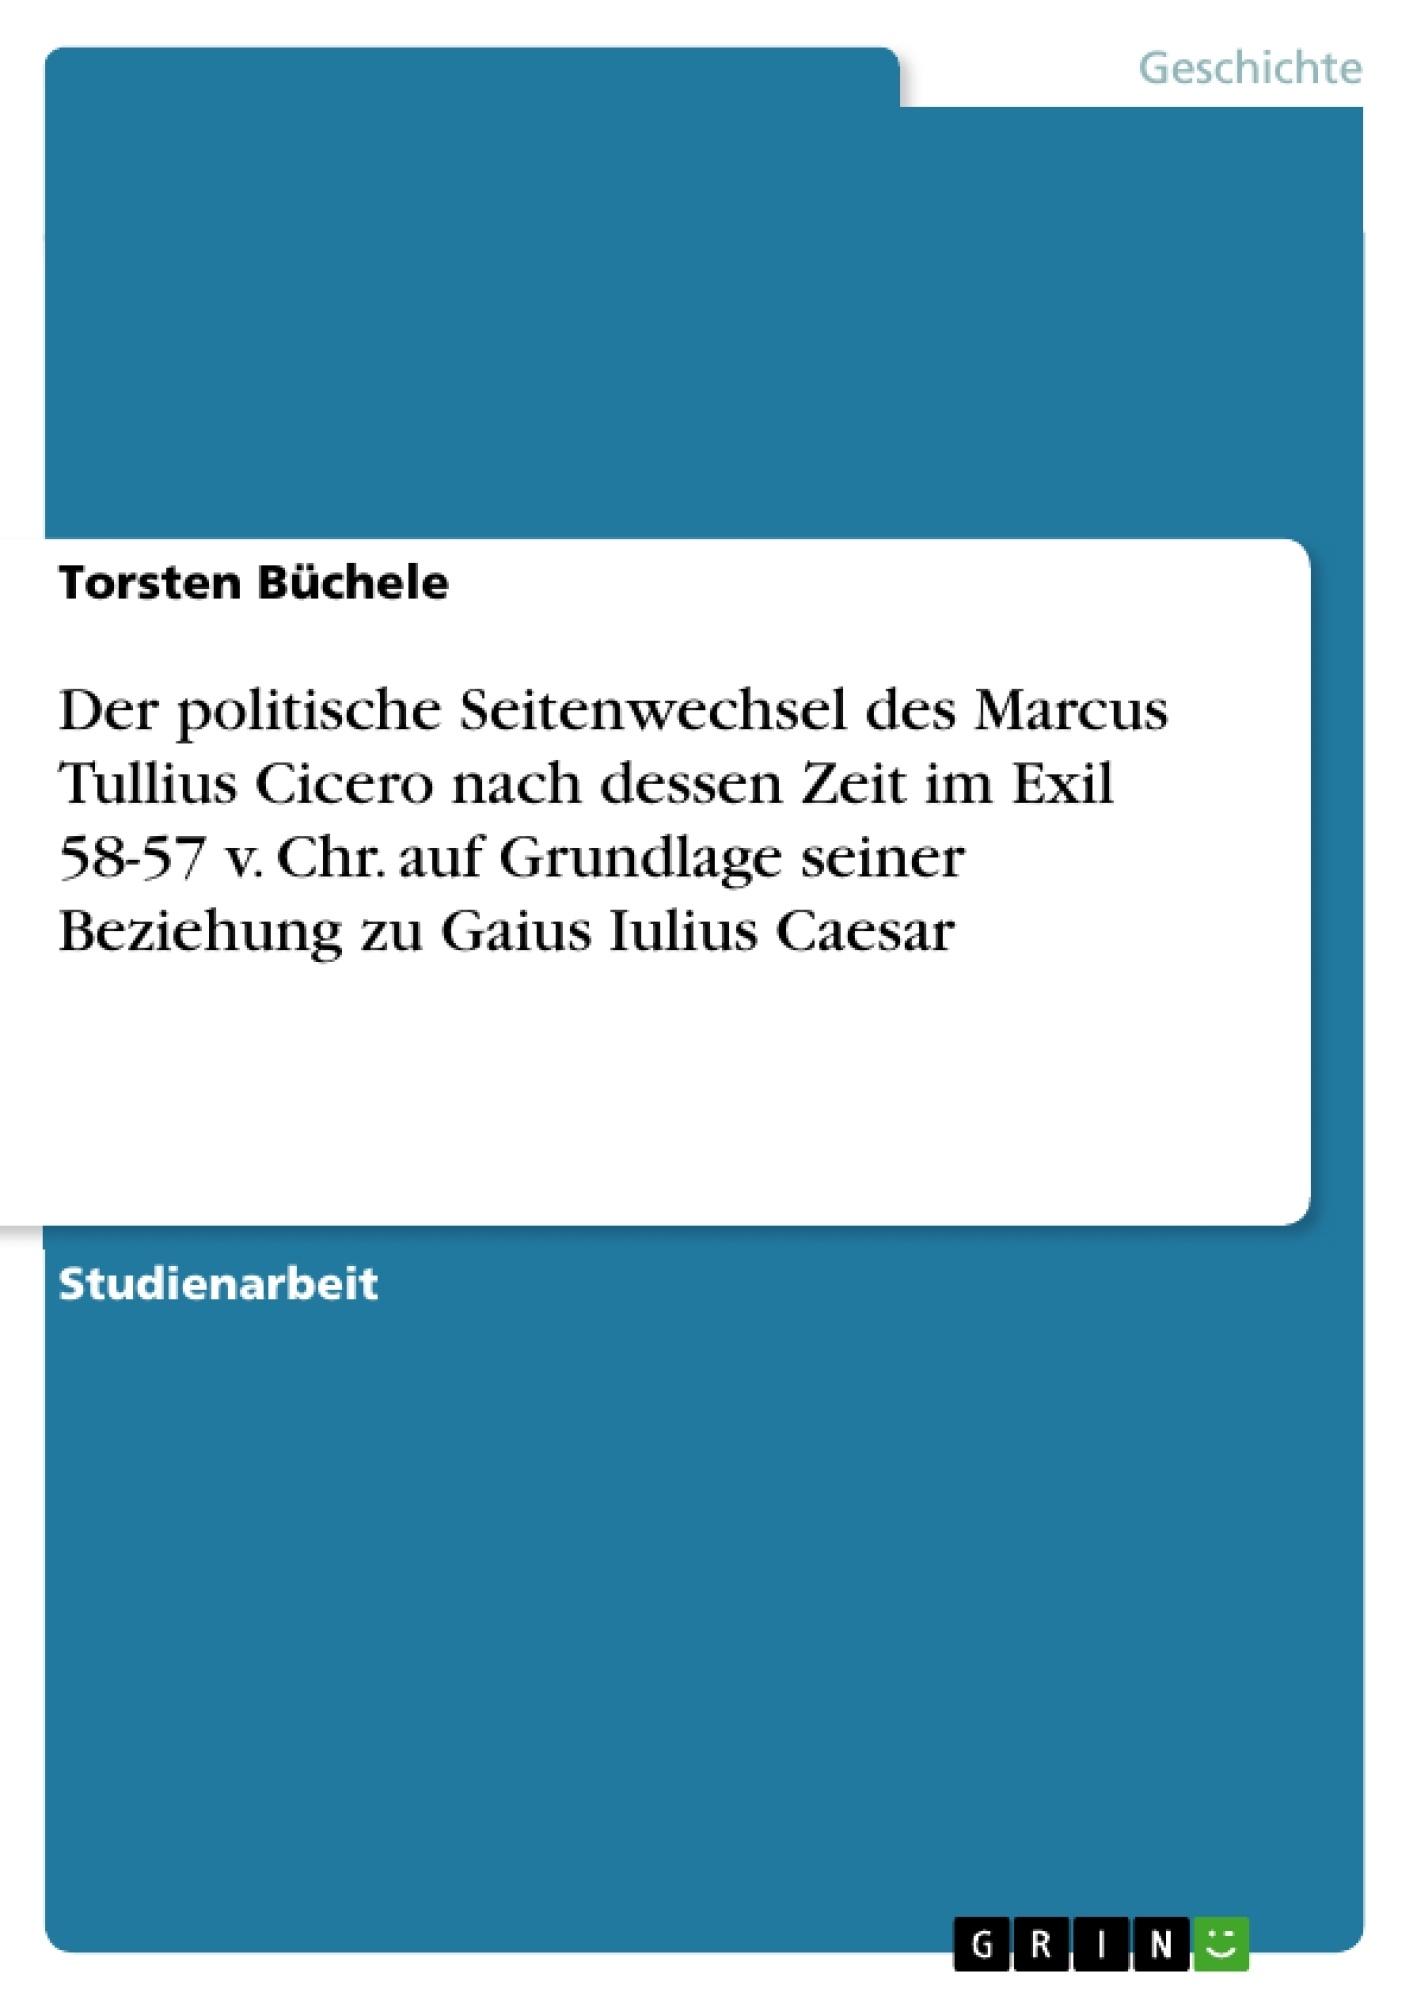 Titel: Der politische Seitenwechsel des Marcus Tullius Cicero nach dessen Zeit im Exil 58-57 v. Chr. auf Grundlage seiner Beziehung zu Gaius Iulius Caesar